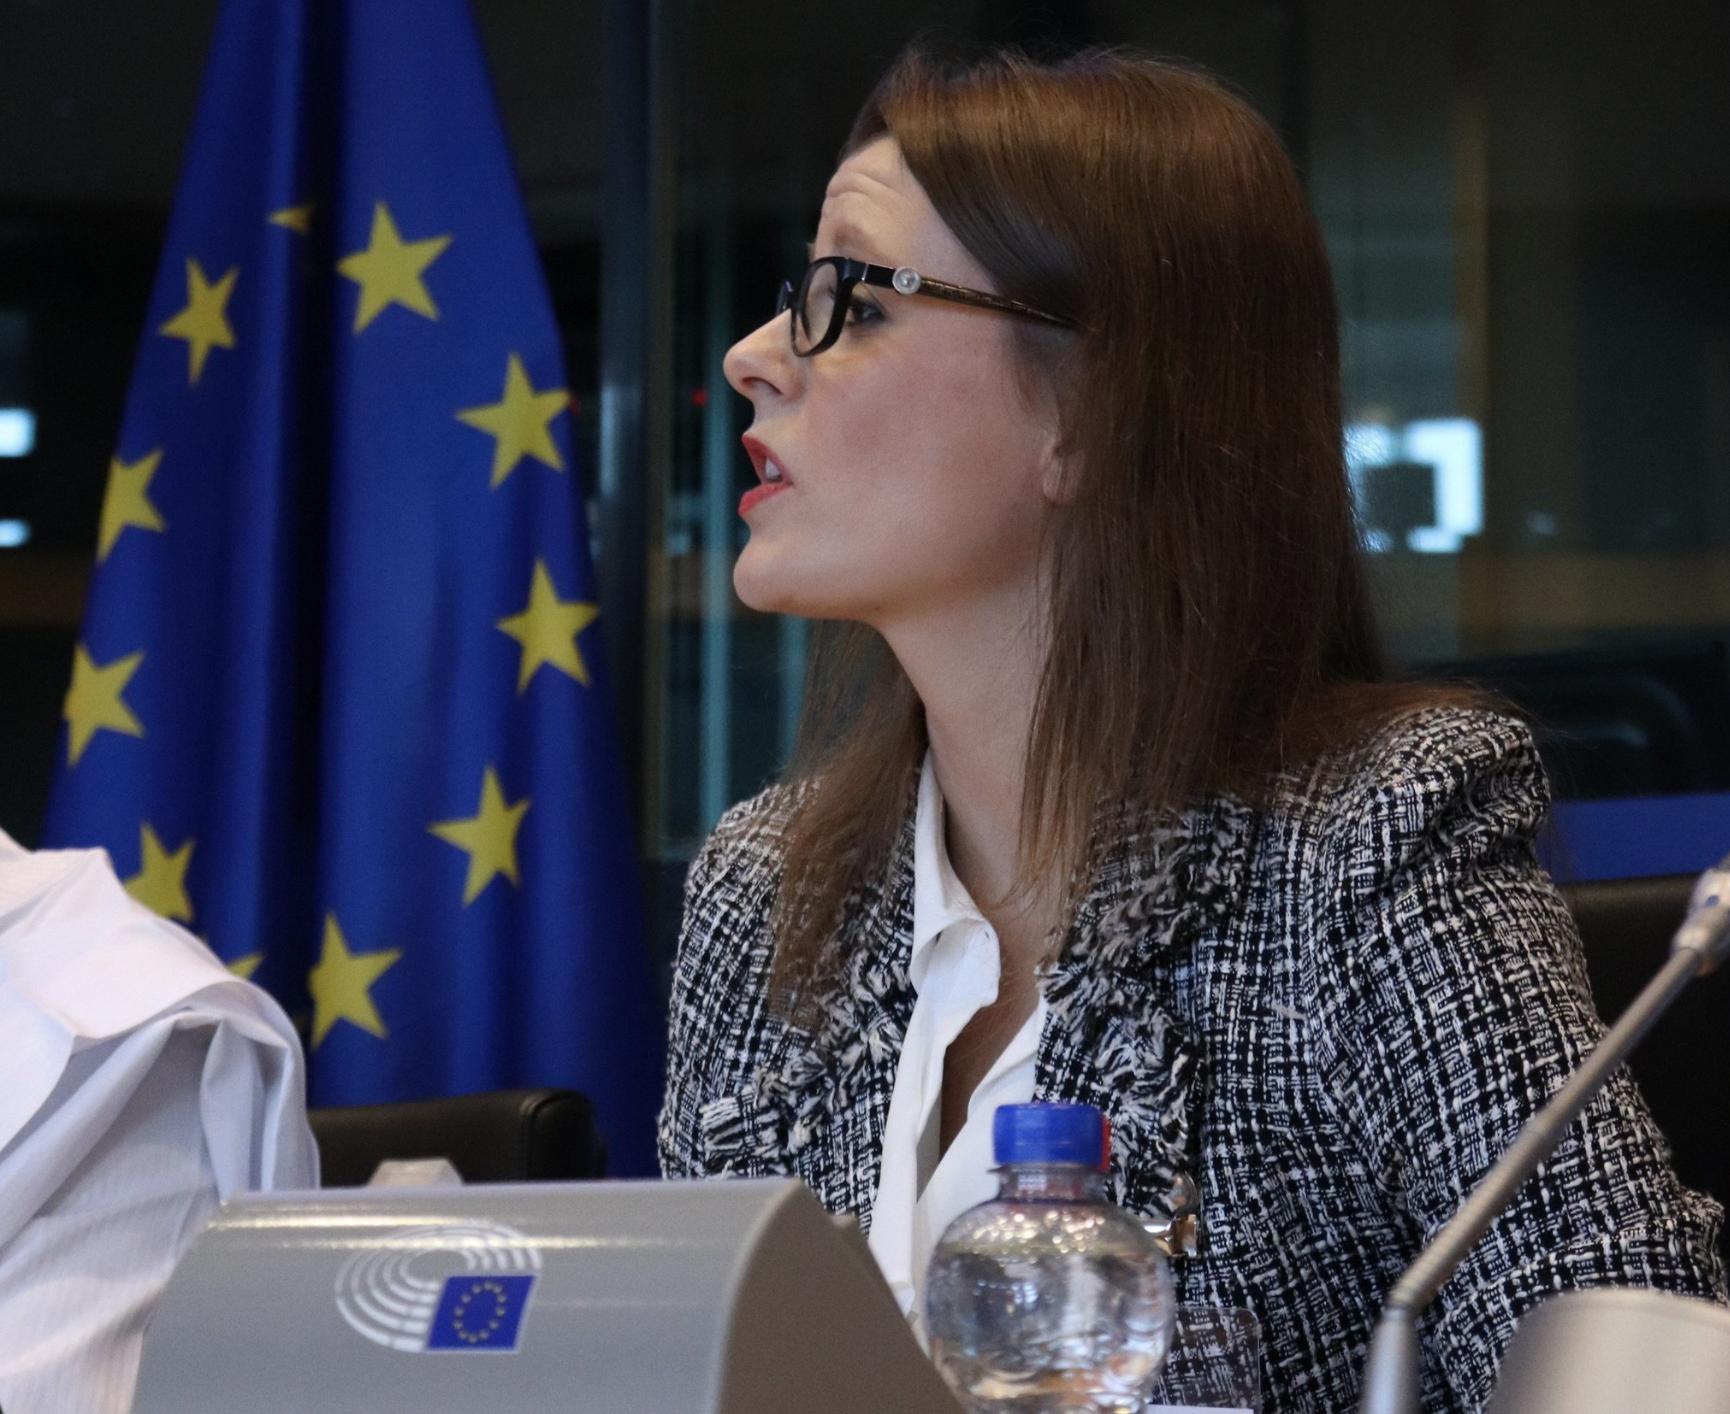 Aleksandra speaks at the 2019 EU Africa Summit